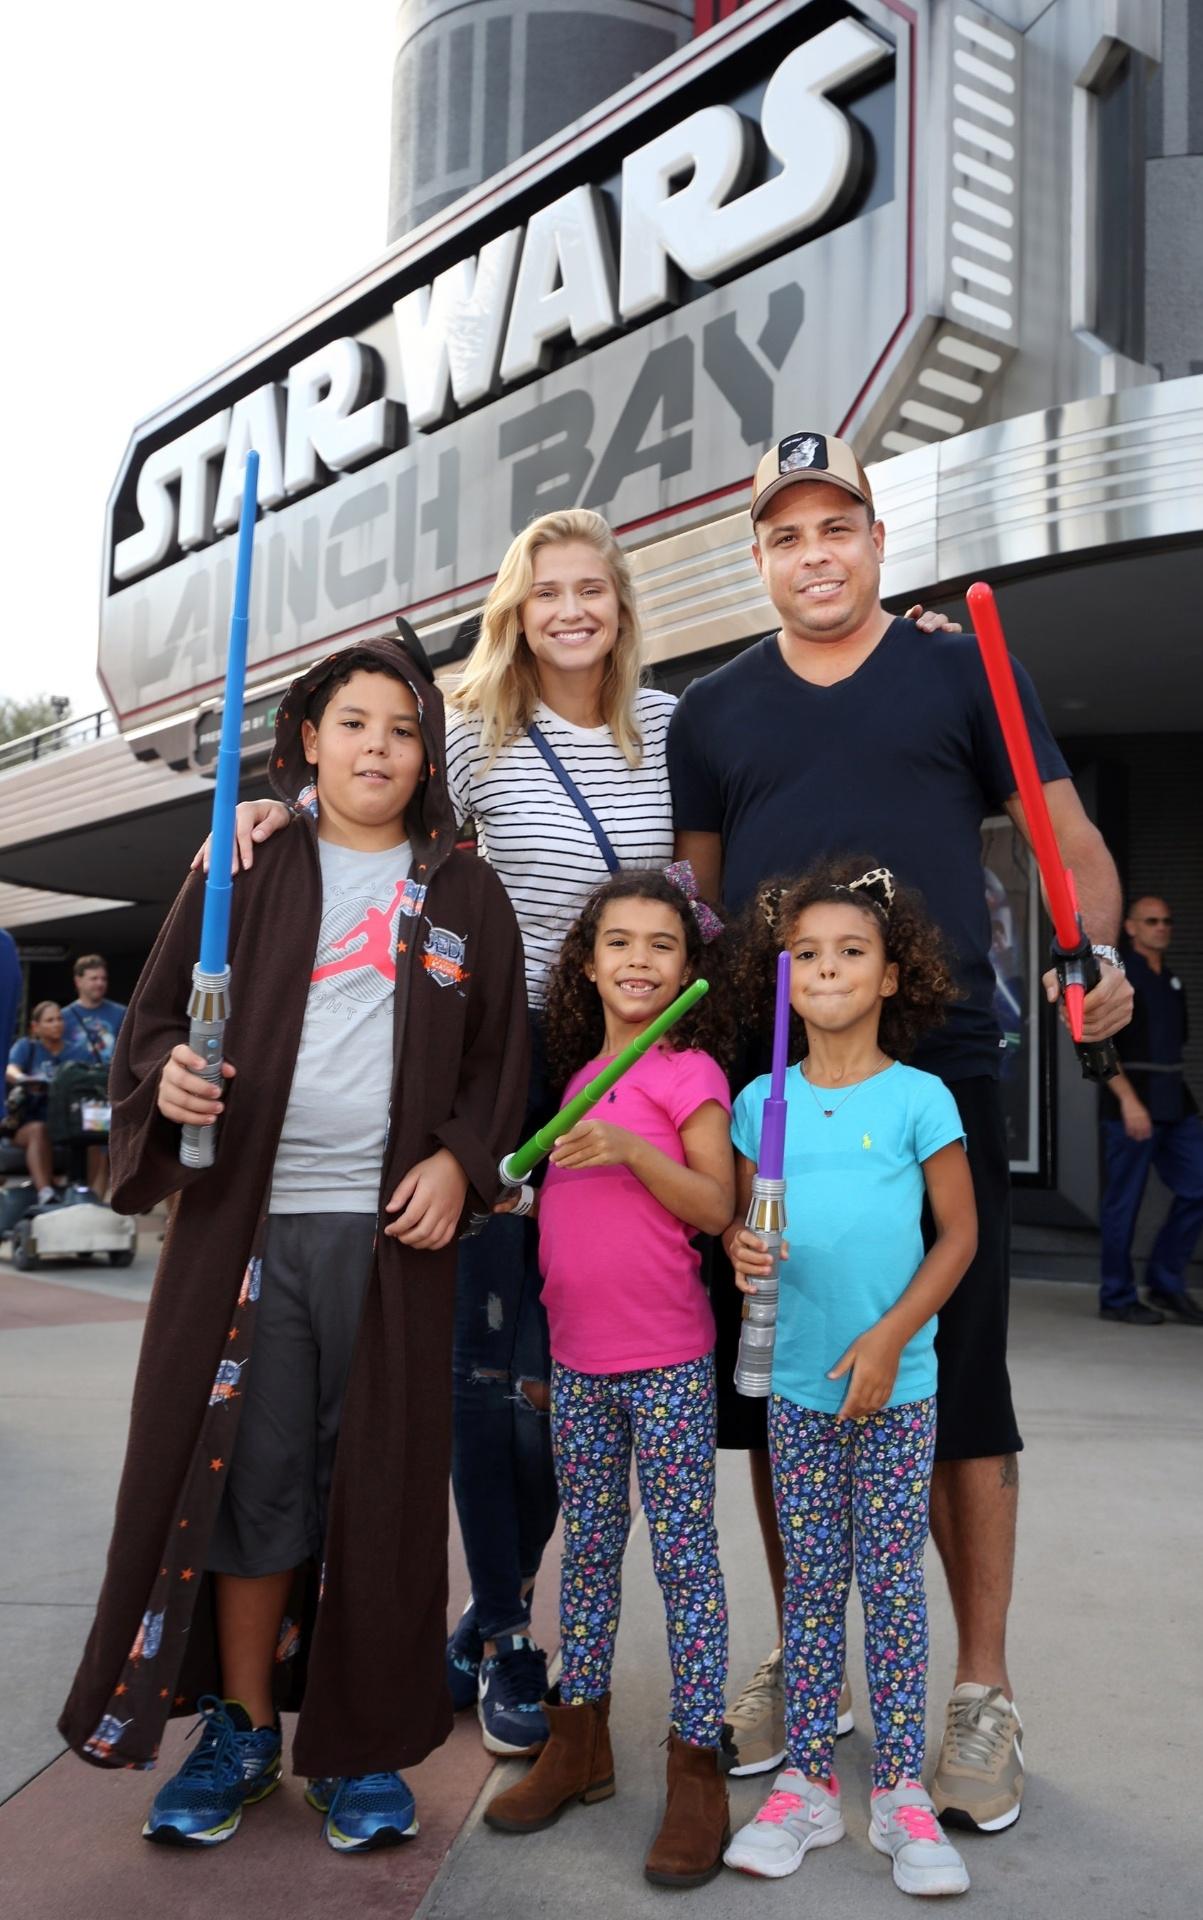 04.dez.2015 - O ex-jogador Ronaldo levou a família para visitar a Disney e conhecer uma nova atração baseada no filme